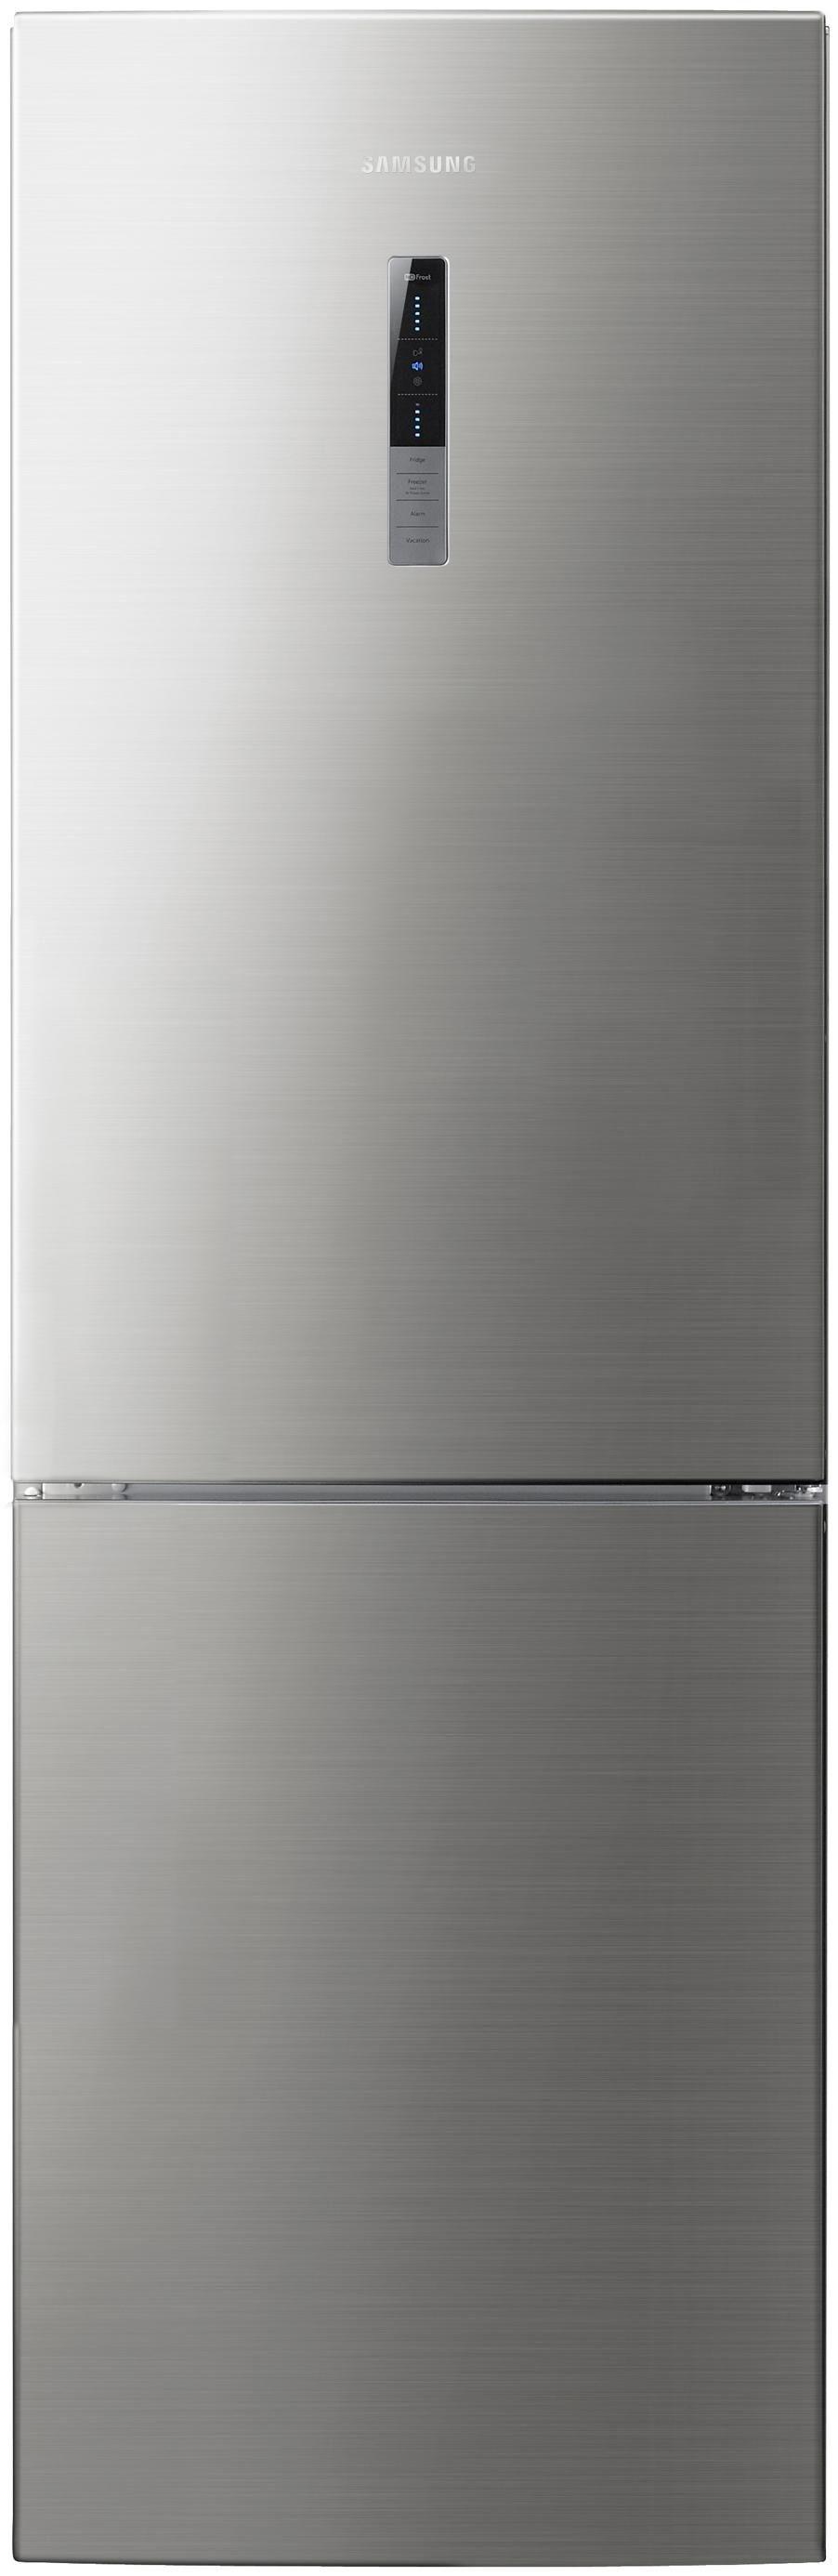 samsung rl56gsbts k hlschrank edelstahl fridges freezers computeruniverse. Black Bedroom Furniture Sets. Home Design Ideas